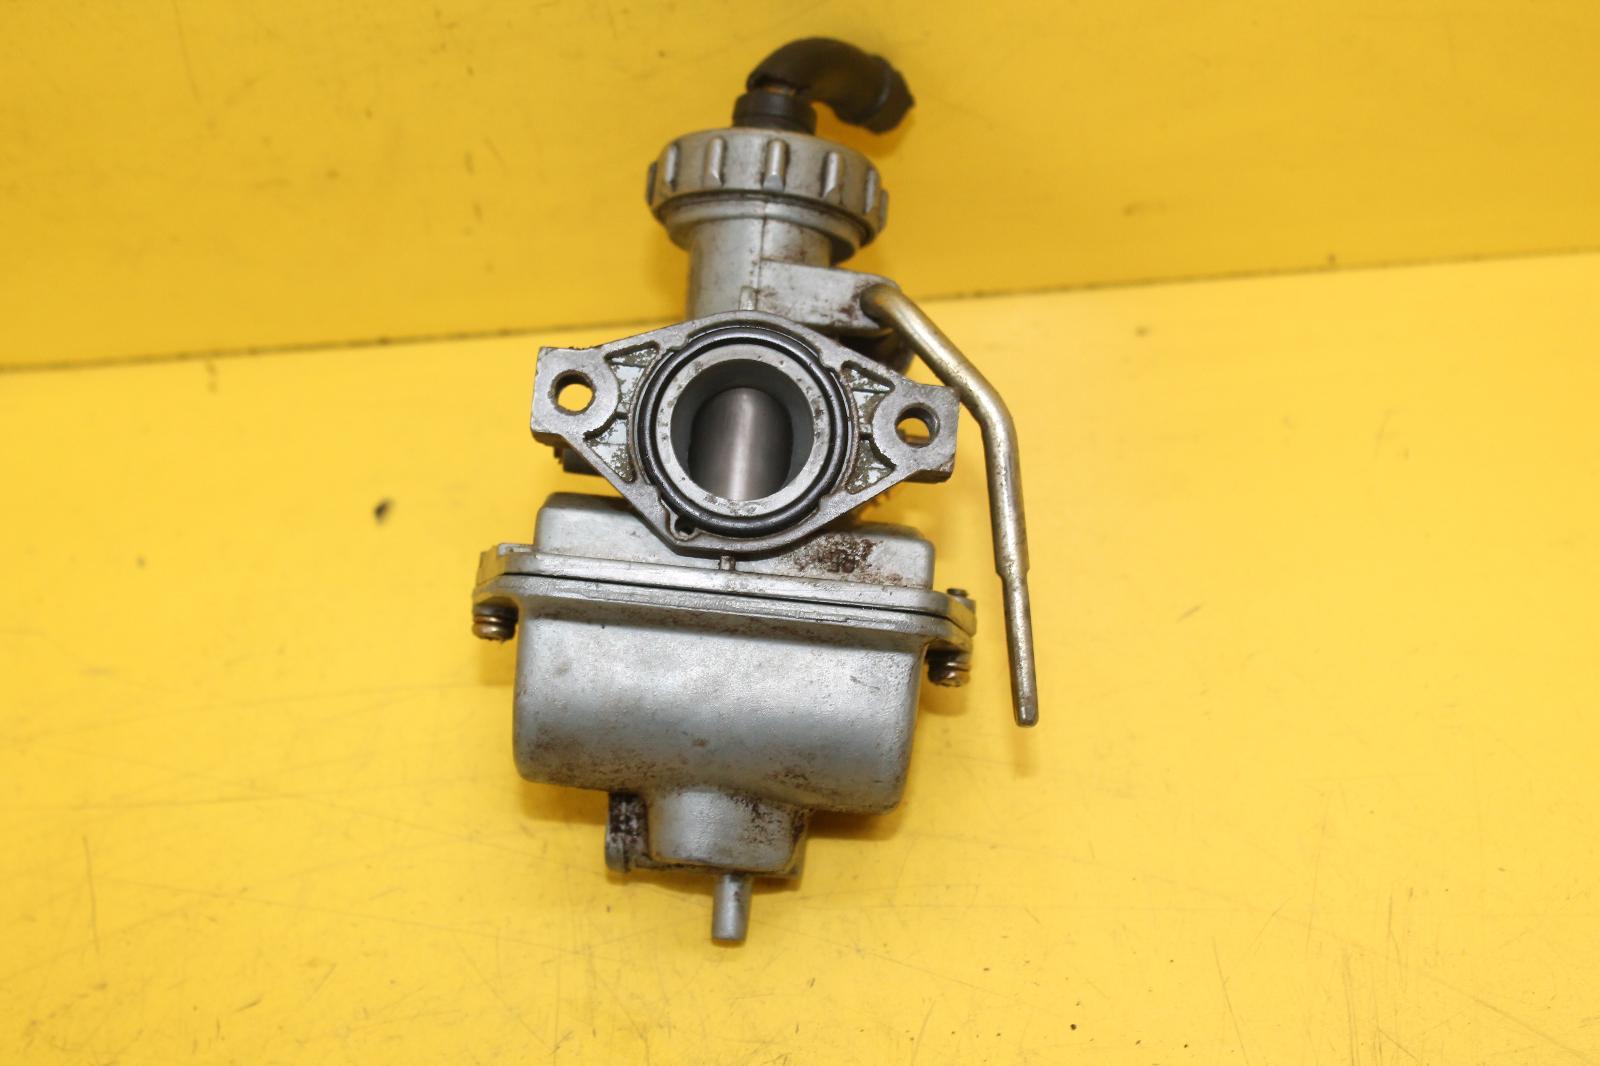 Lifan 110cc Pit Bike Engine American Bathtub Refinishers 140cc Wiring Diagram